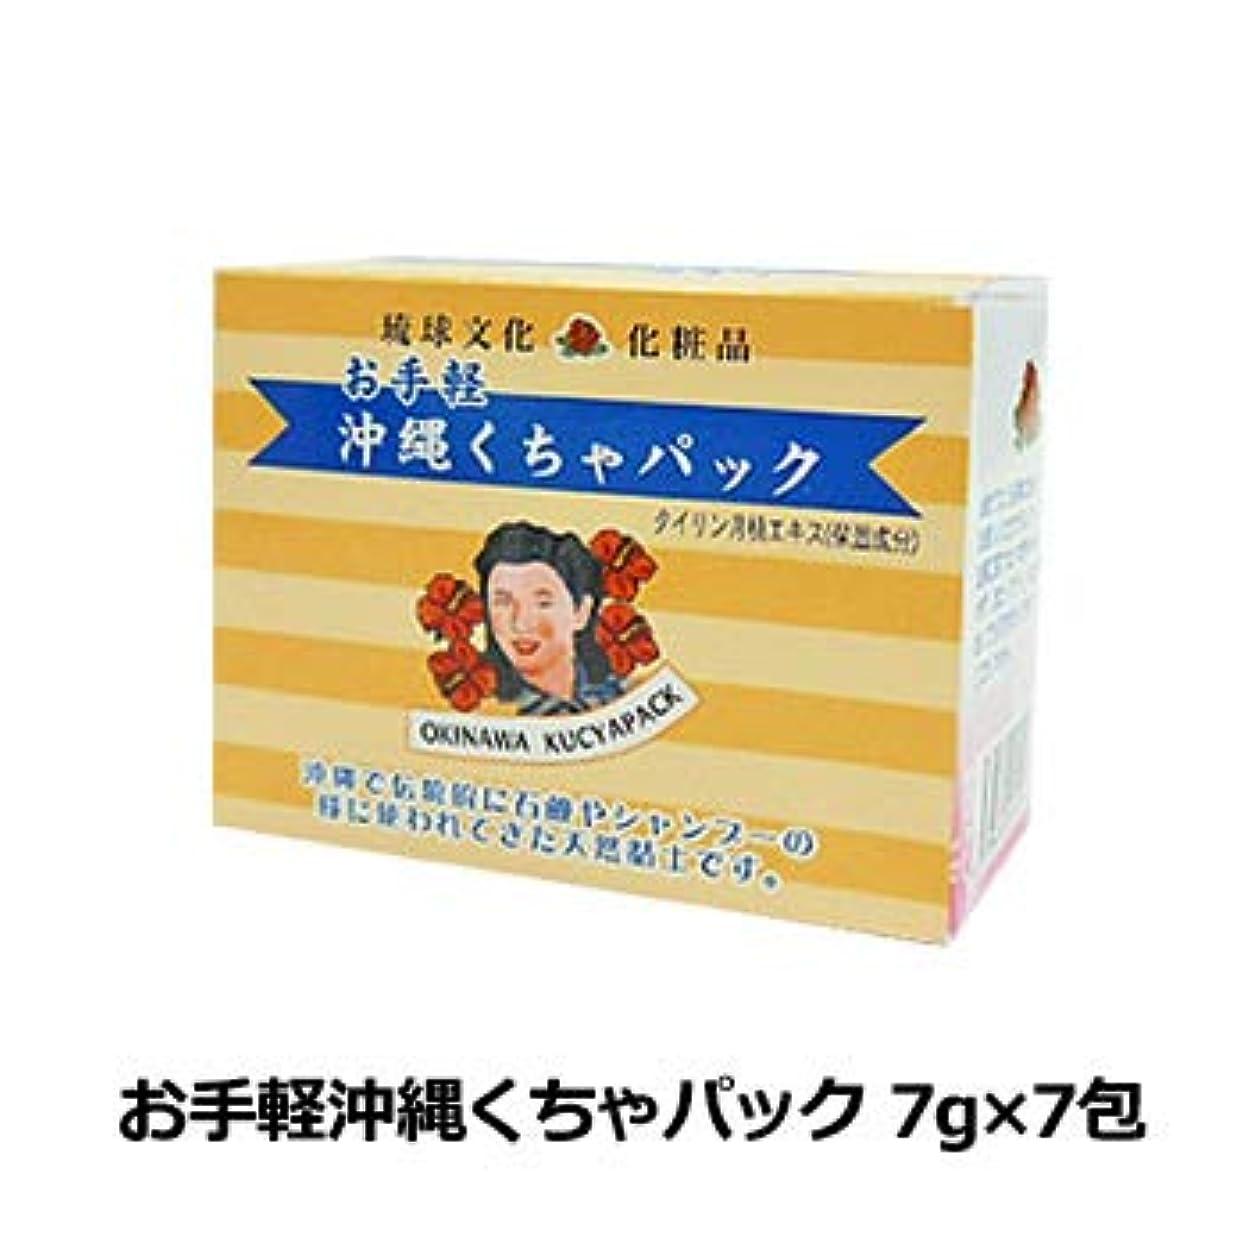 誰びん更新お手軽沖縄くちゃパック 7g×7包